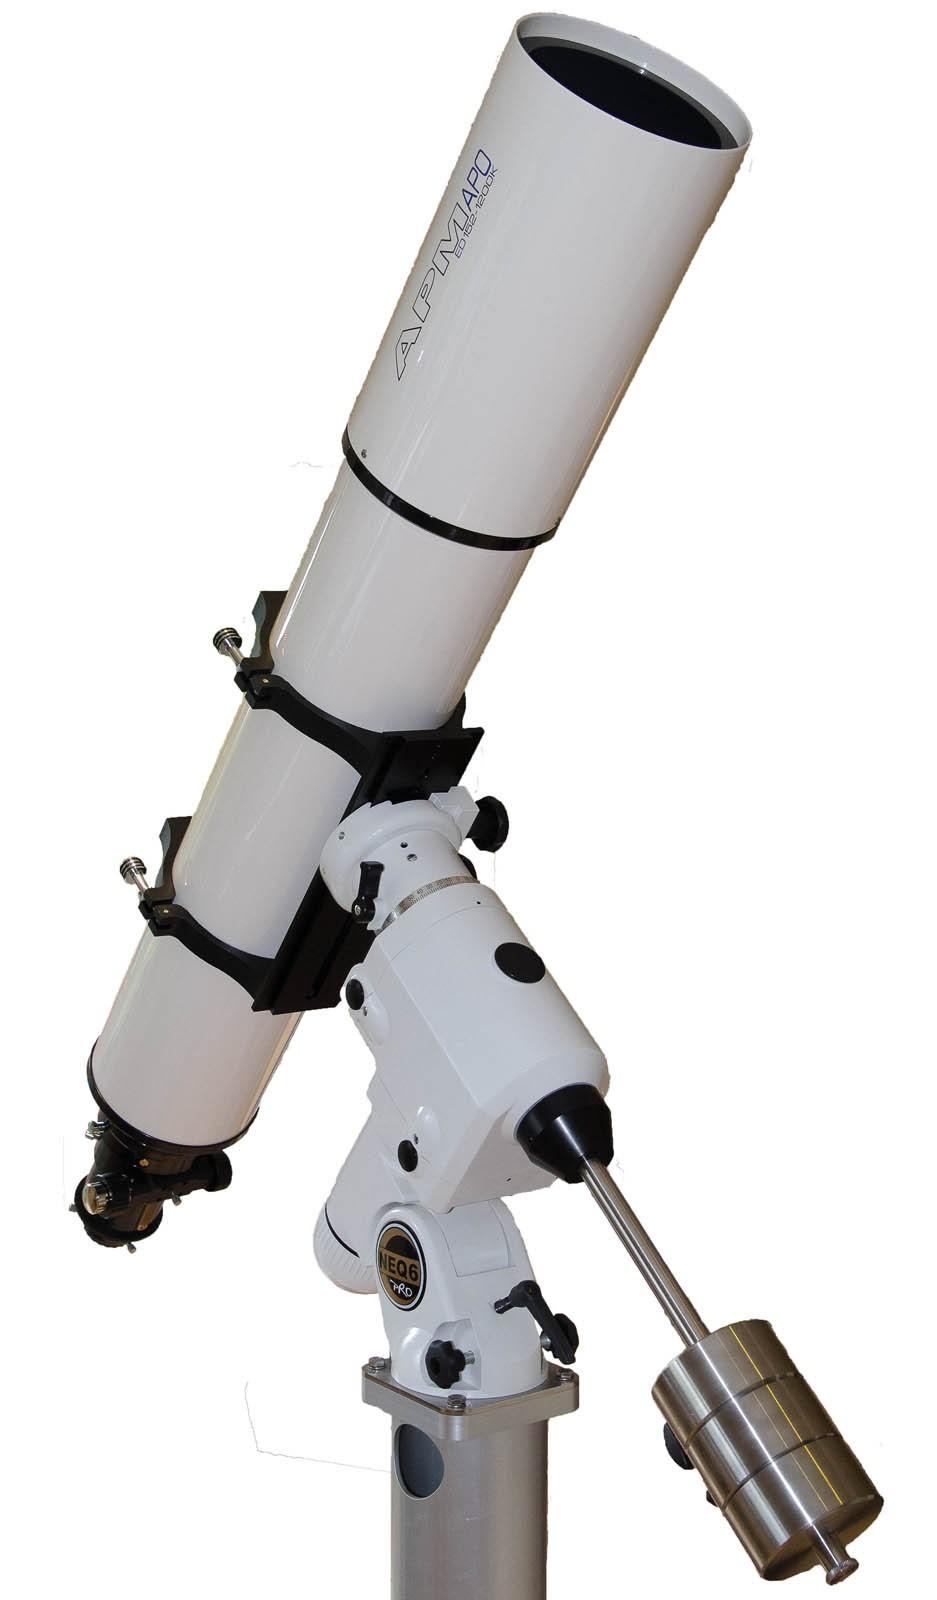 APM Telescopes 152/1200 f/8 ED APO Refractor Telescope with 2 5